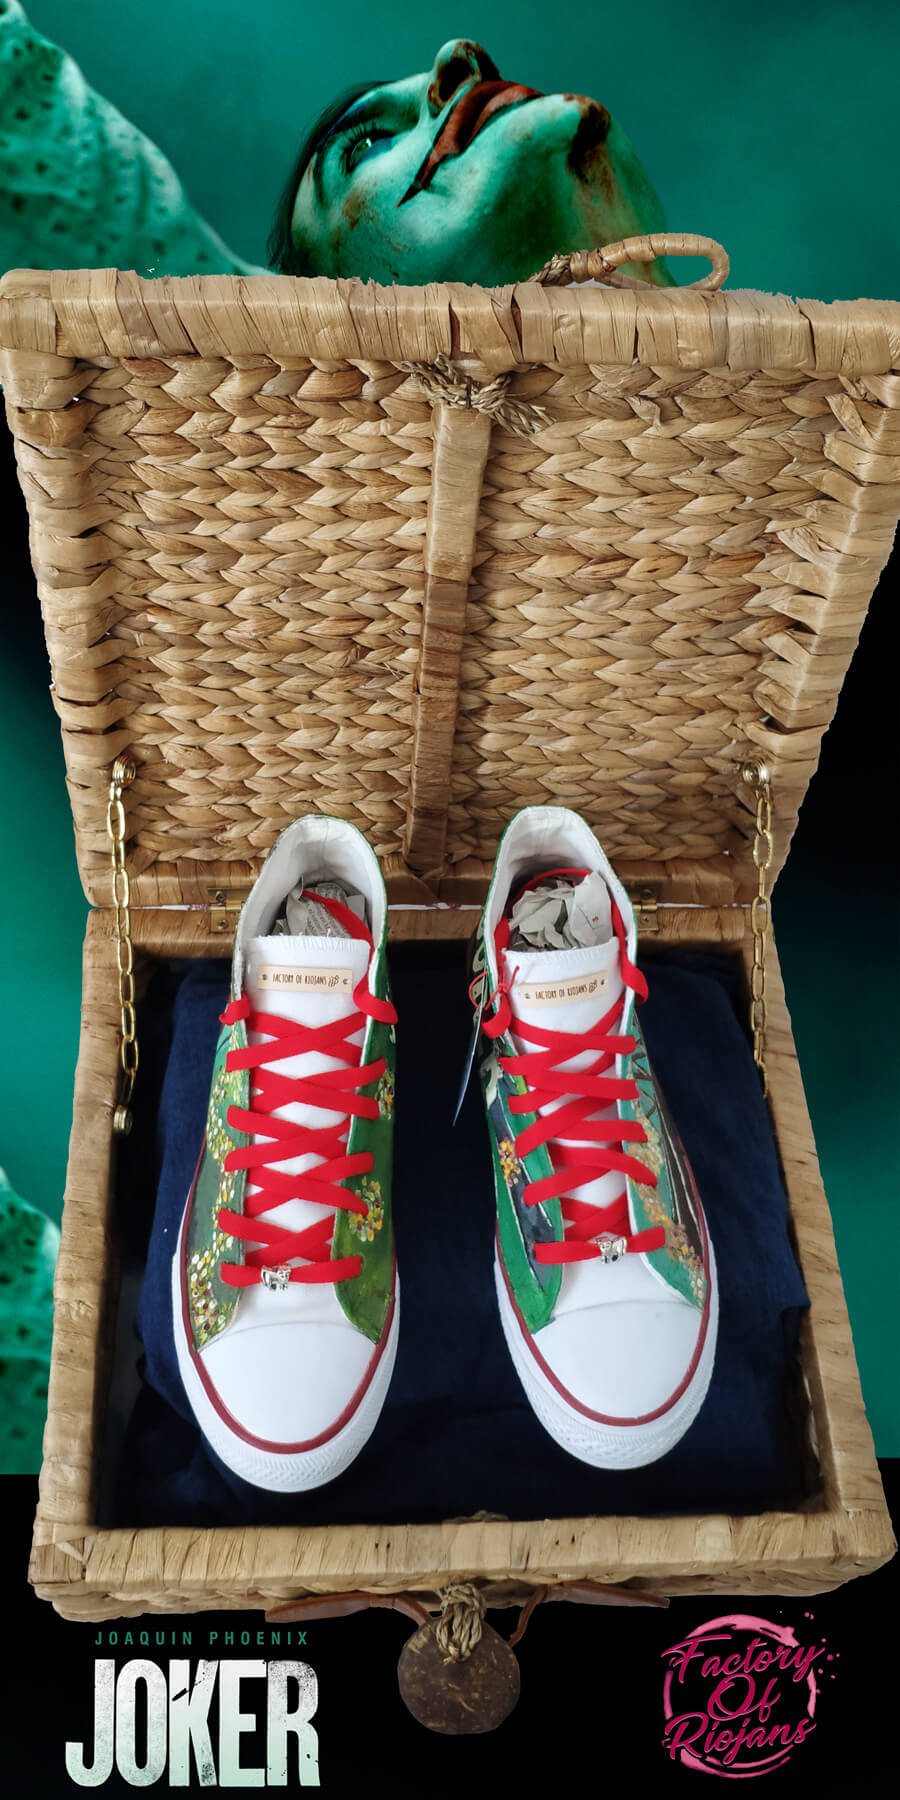 Zapatillas del Joker. Zapatillas personalizadas pintadas a mano es España (La Rioja)